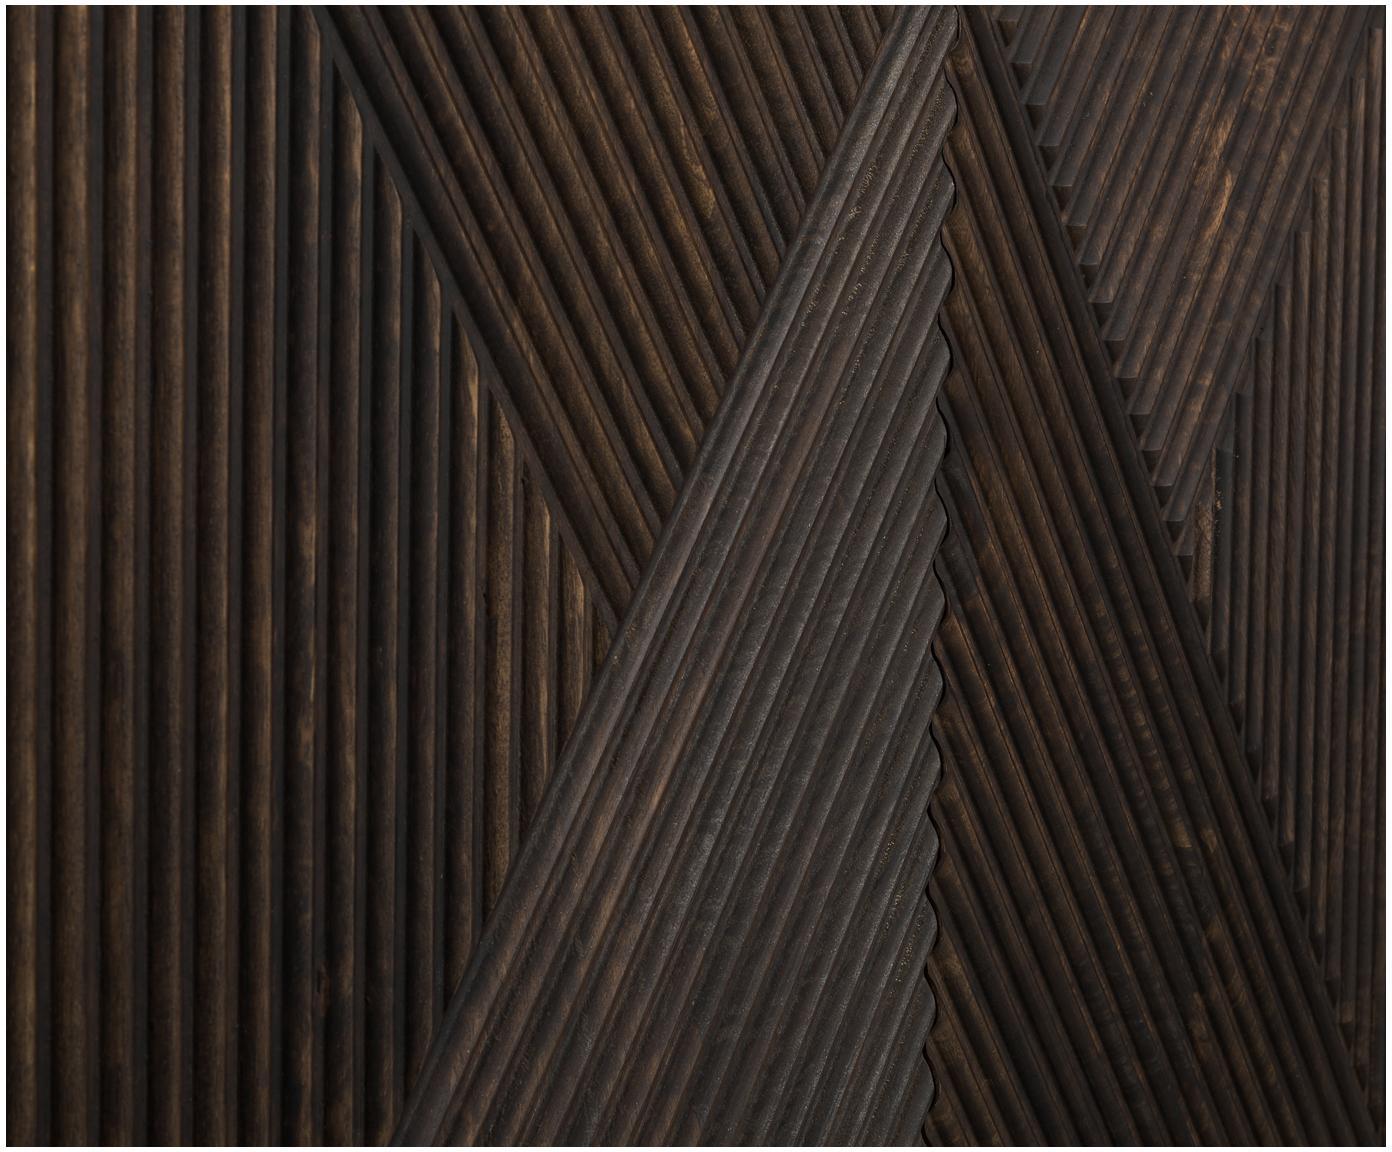 Komoda z masívu Louis, Lakované mangové drevo